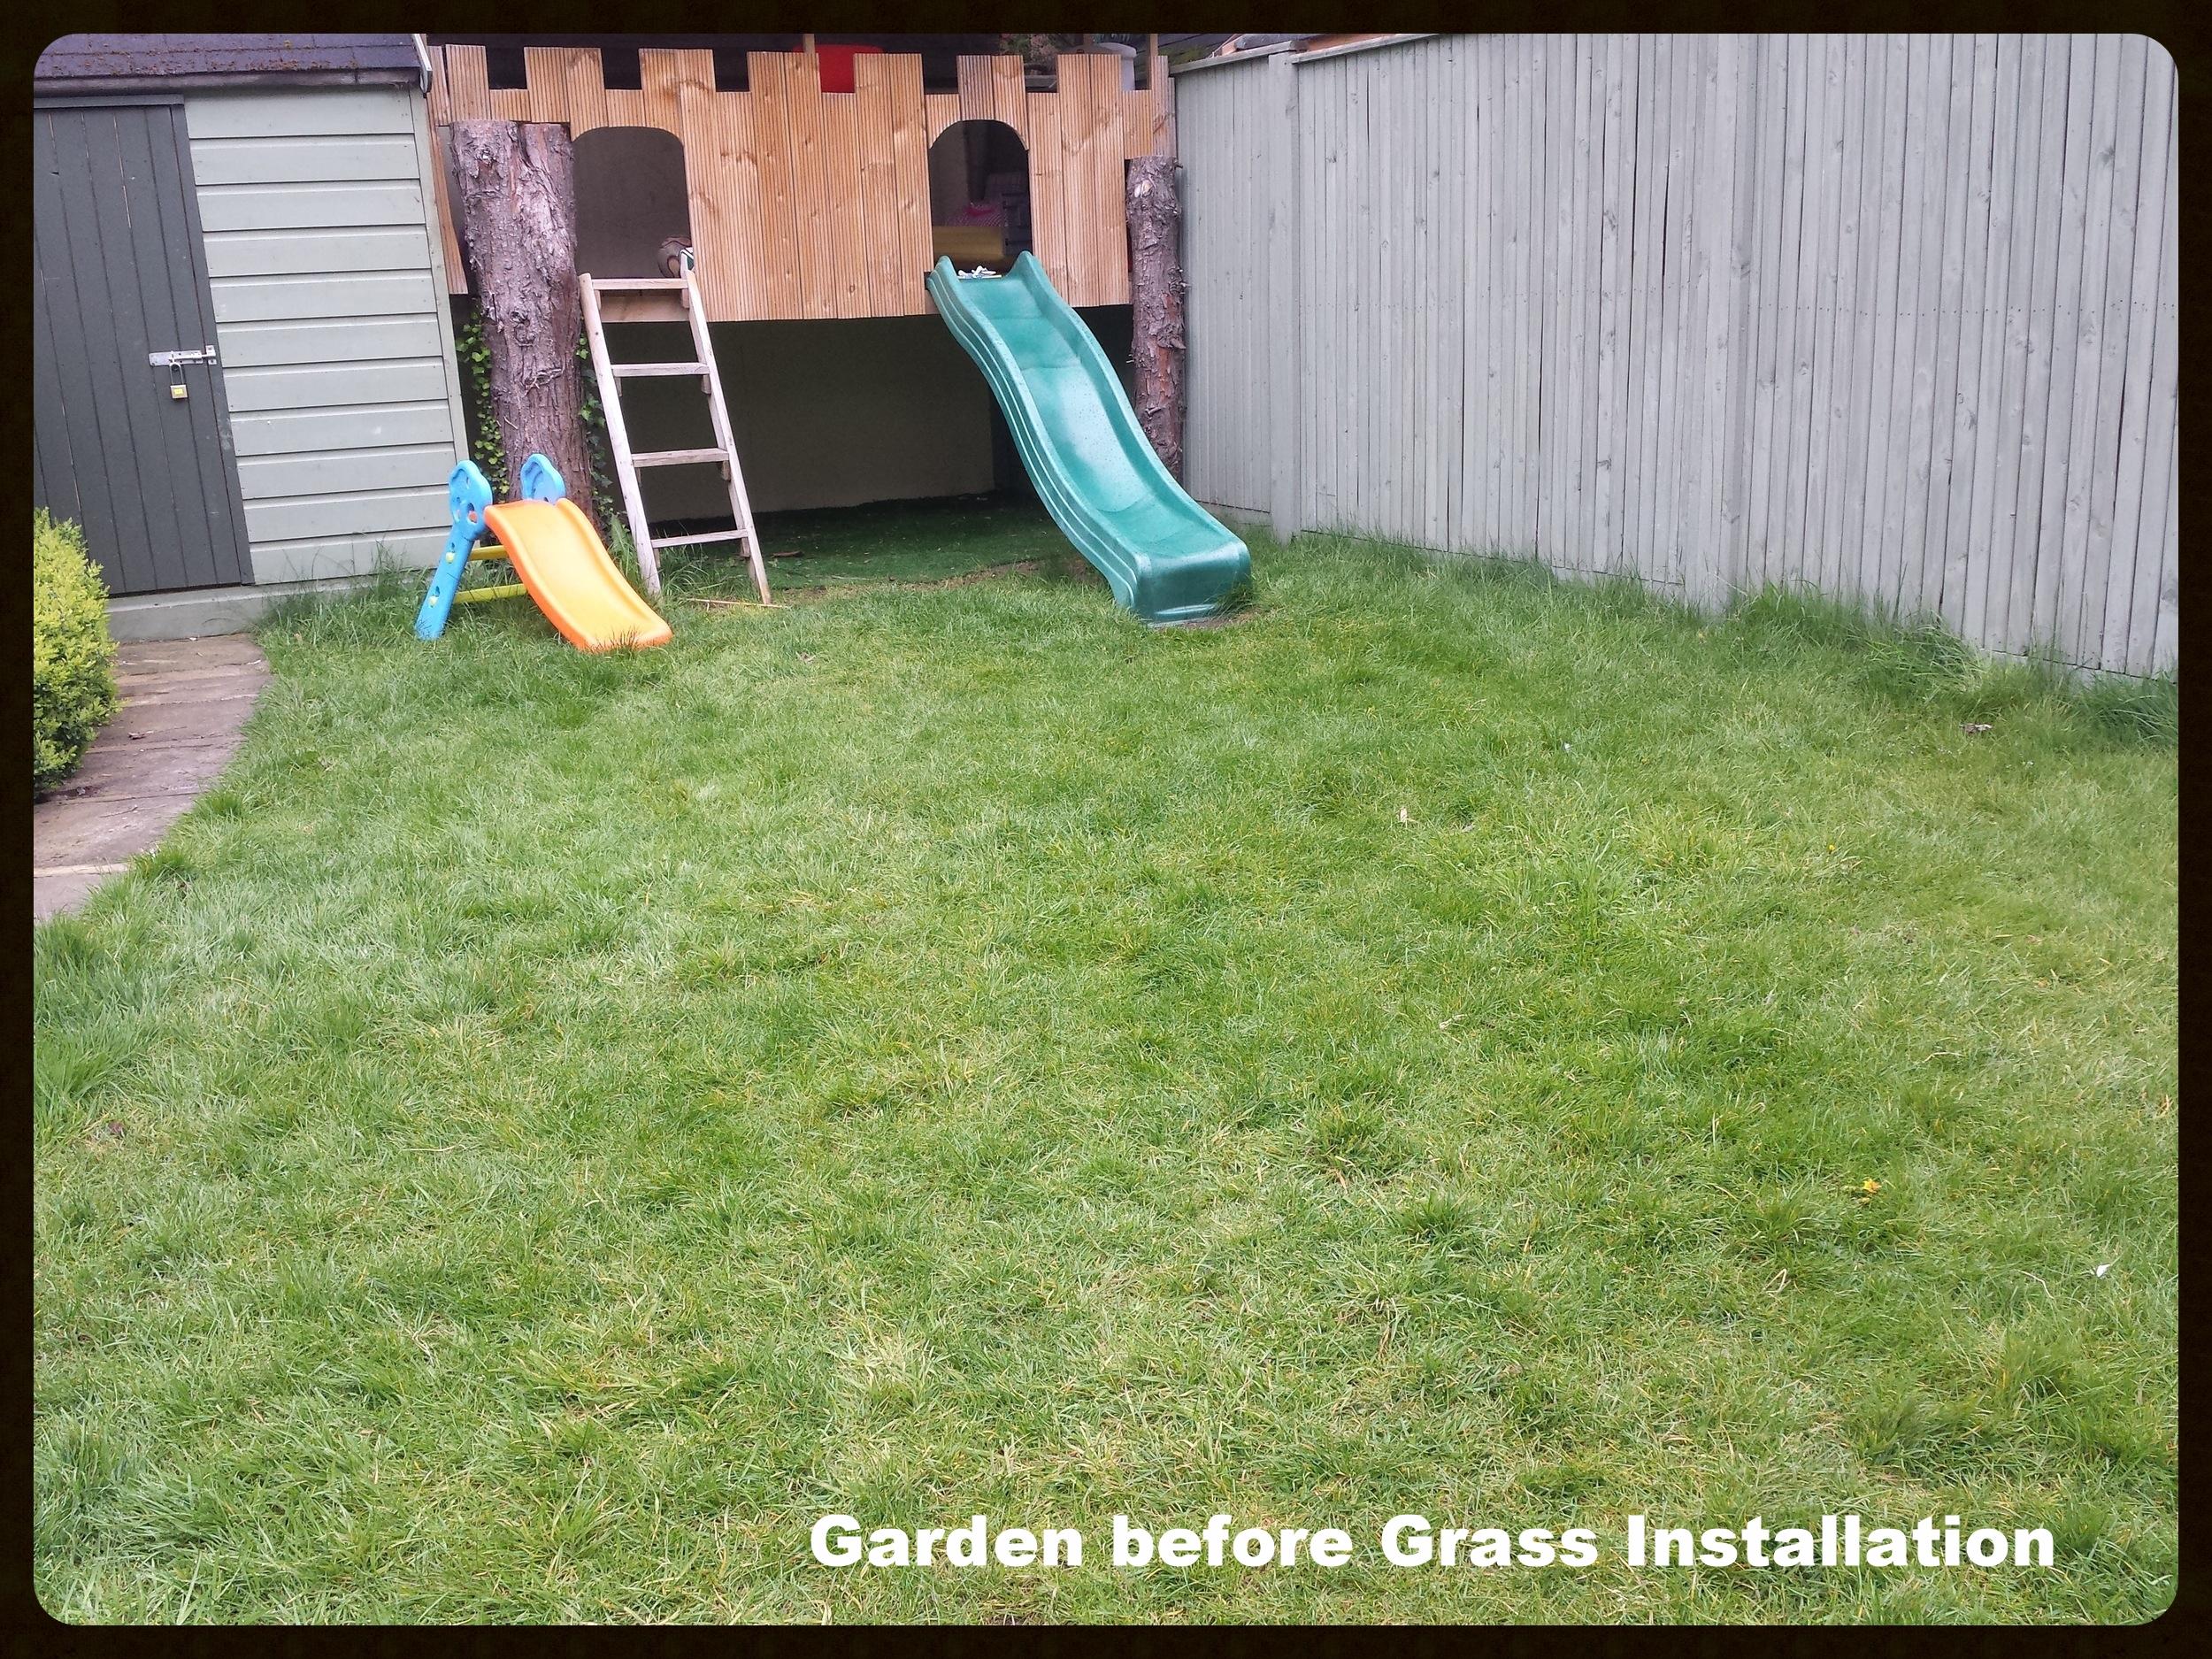 Garden before grass installation